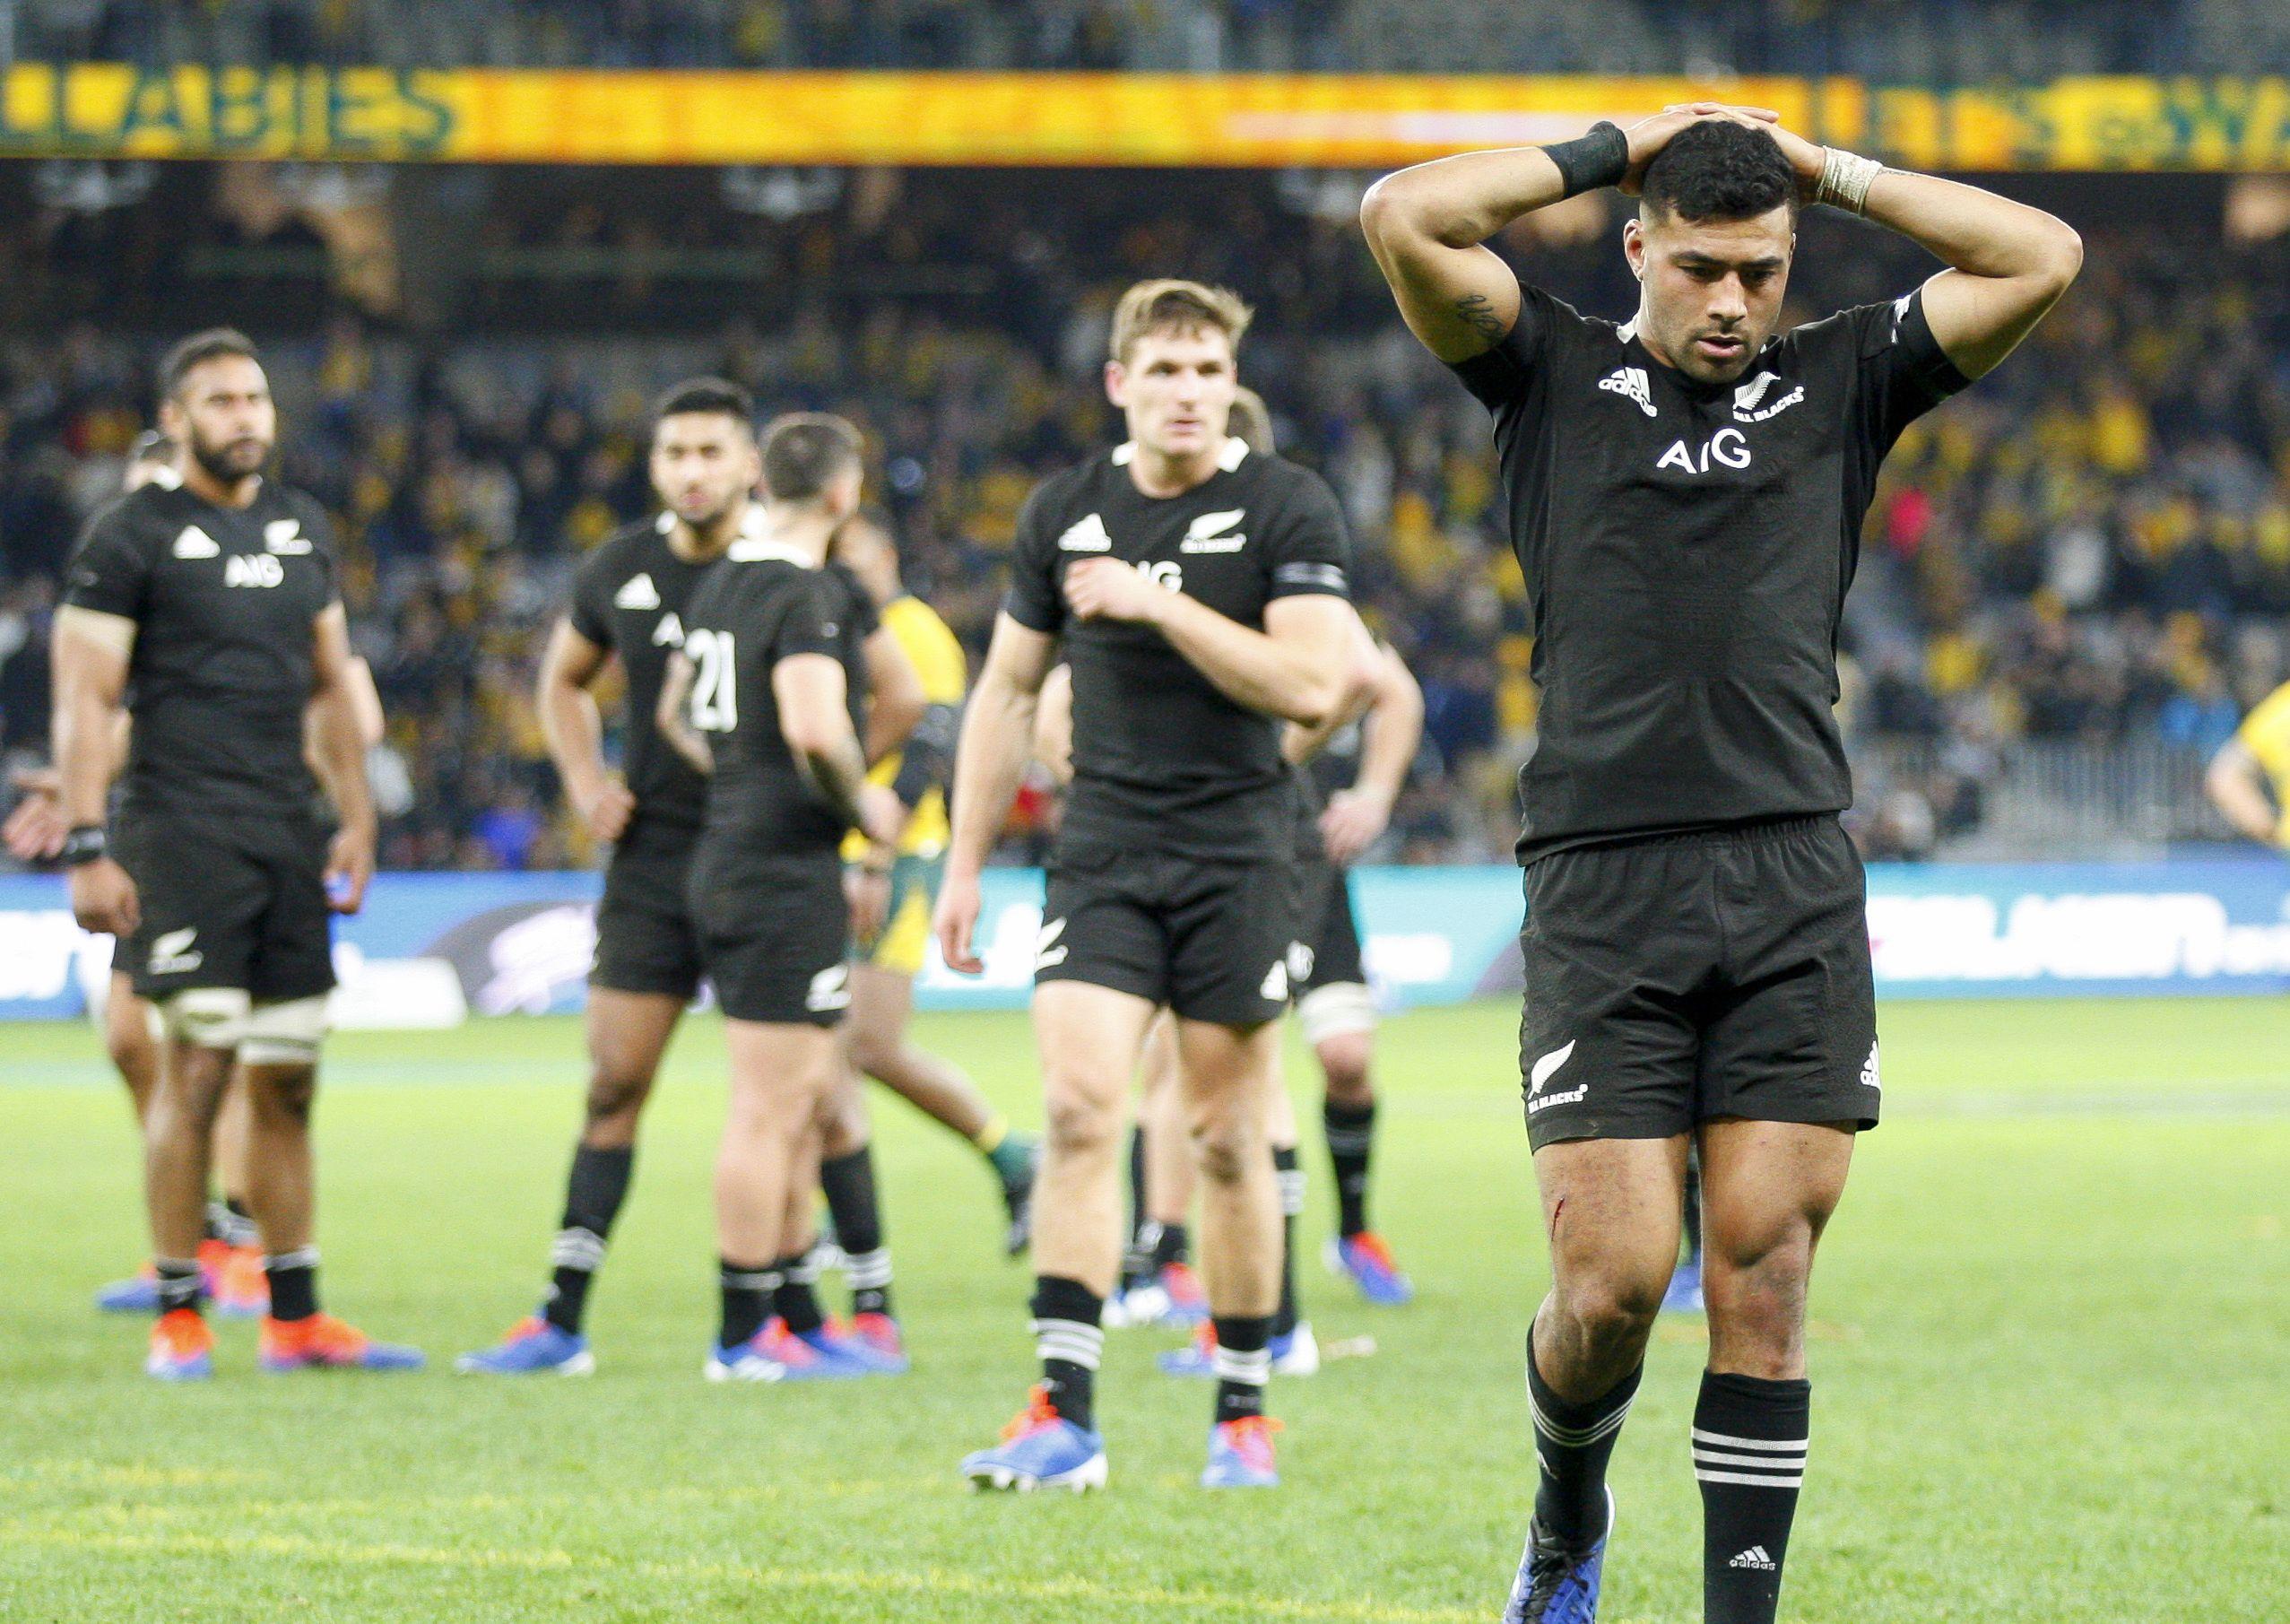 Rugby - Coupe du monde 2019 - Bledisloe Cup : Les All Blacks sous pression avant d'affronter l'Australie